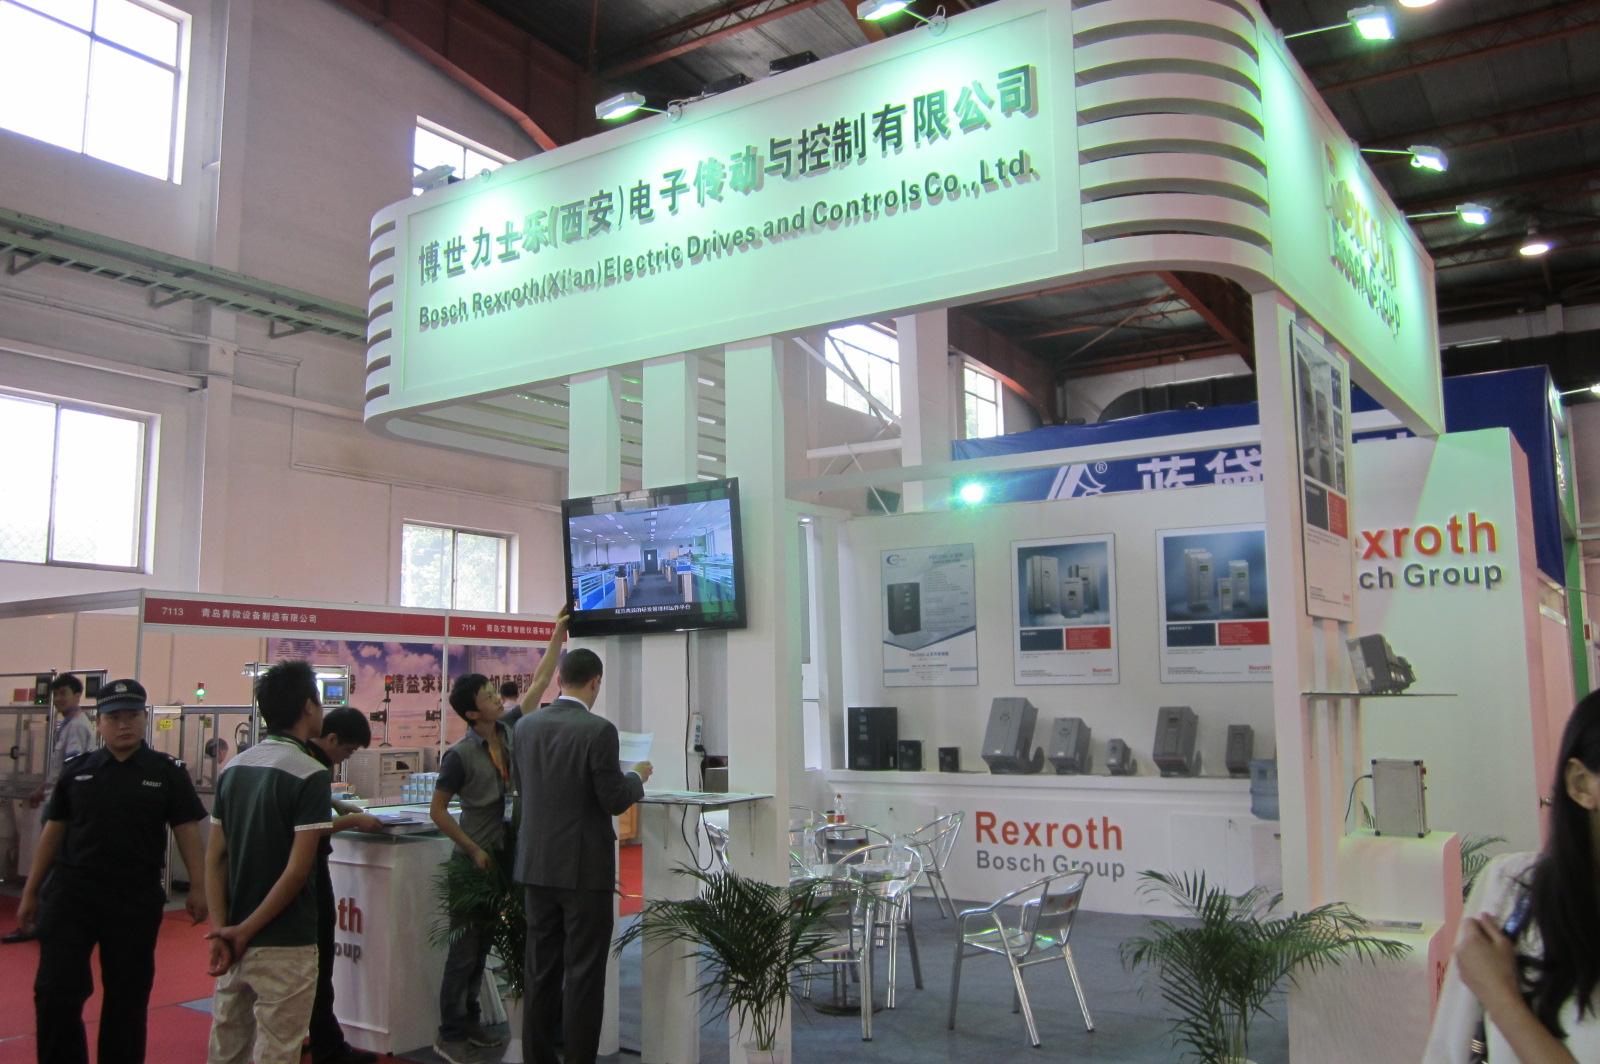 我公司隆重参加第九届北京国际空压机及压缩机展览会